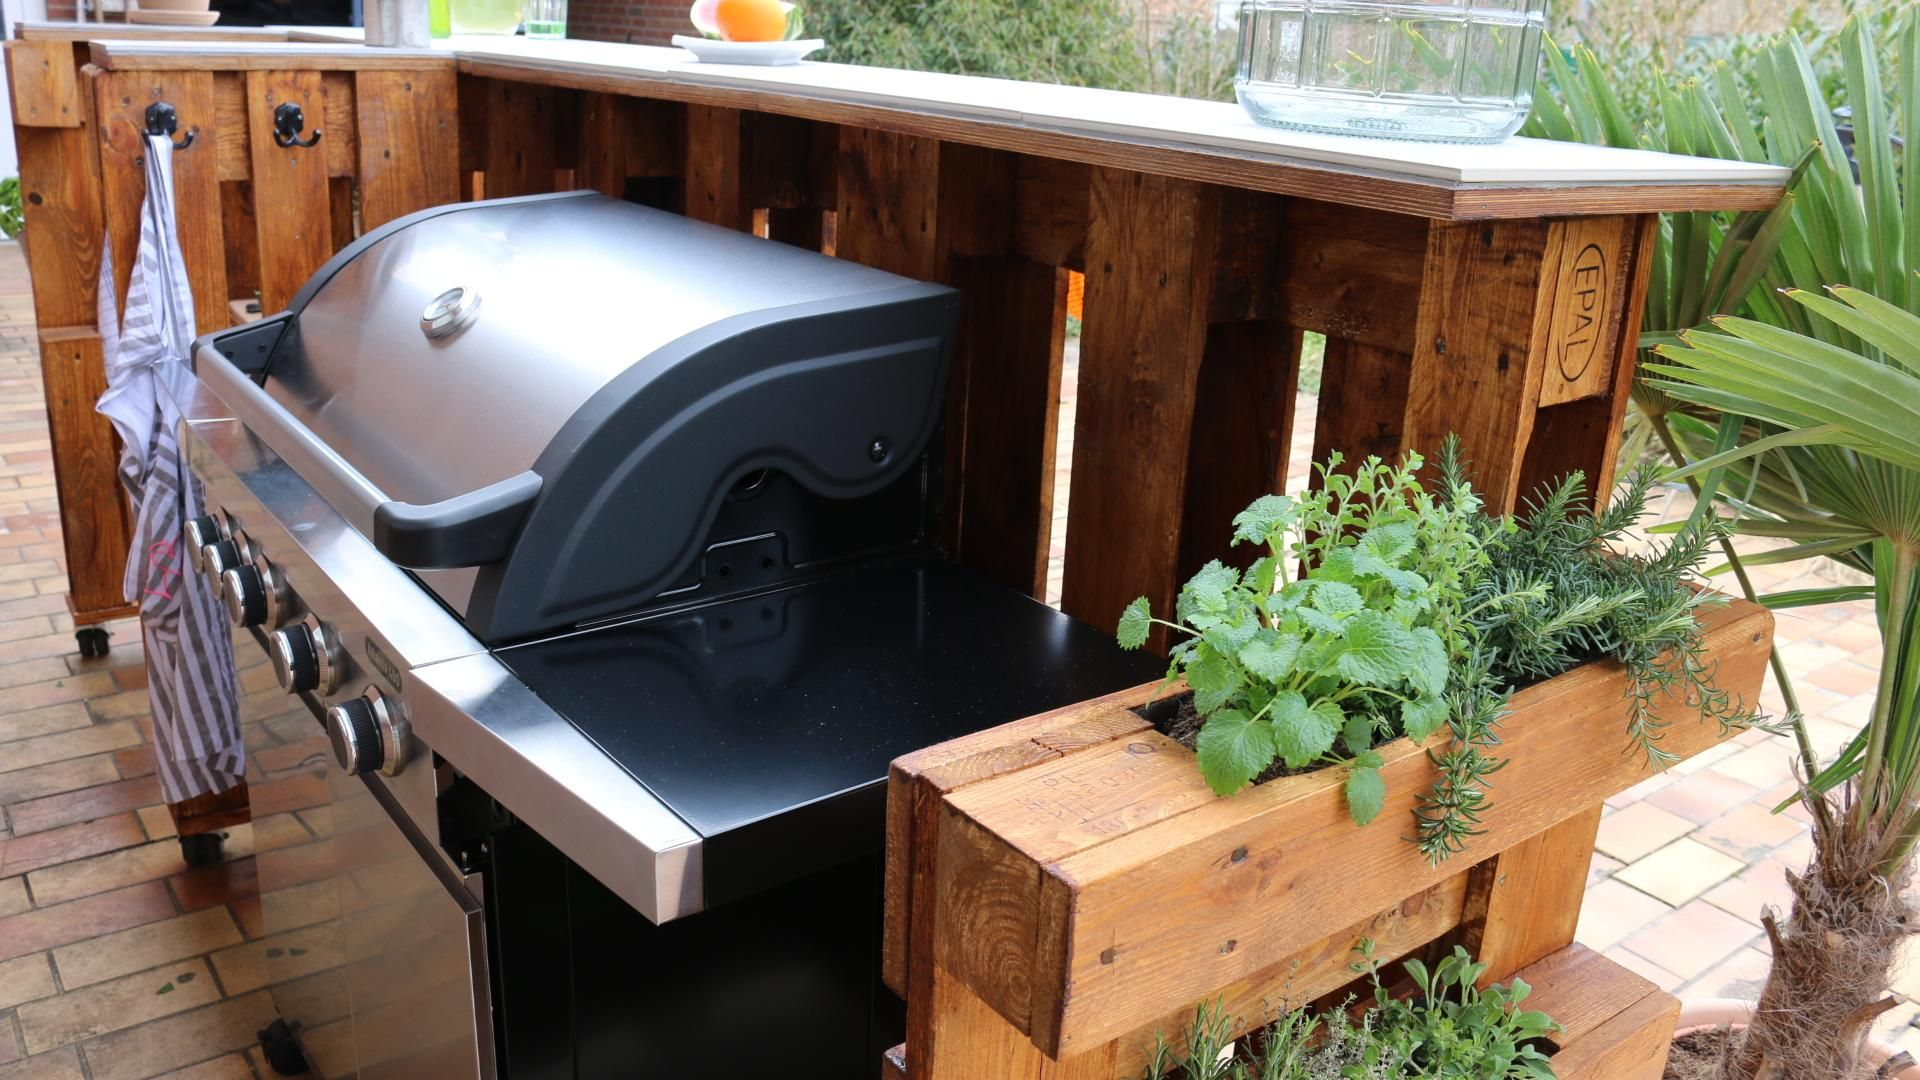 Outdoorküche Möbel Preis : Palettenmöbel outdoor küche möbel für outdoor küche outdoorküche